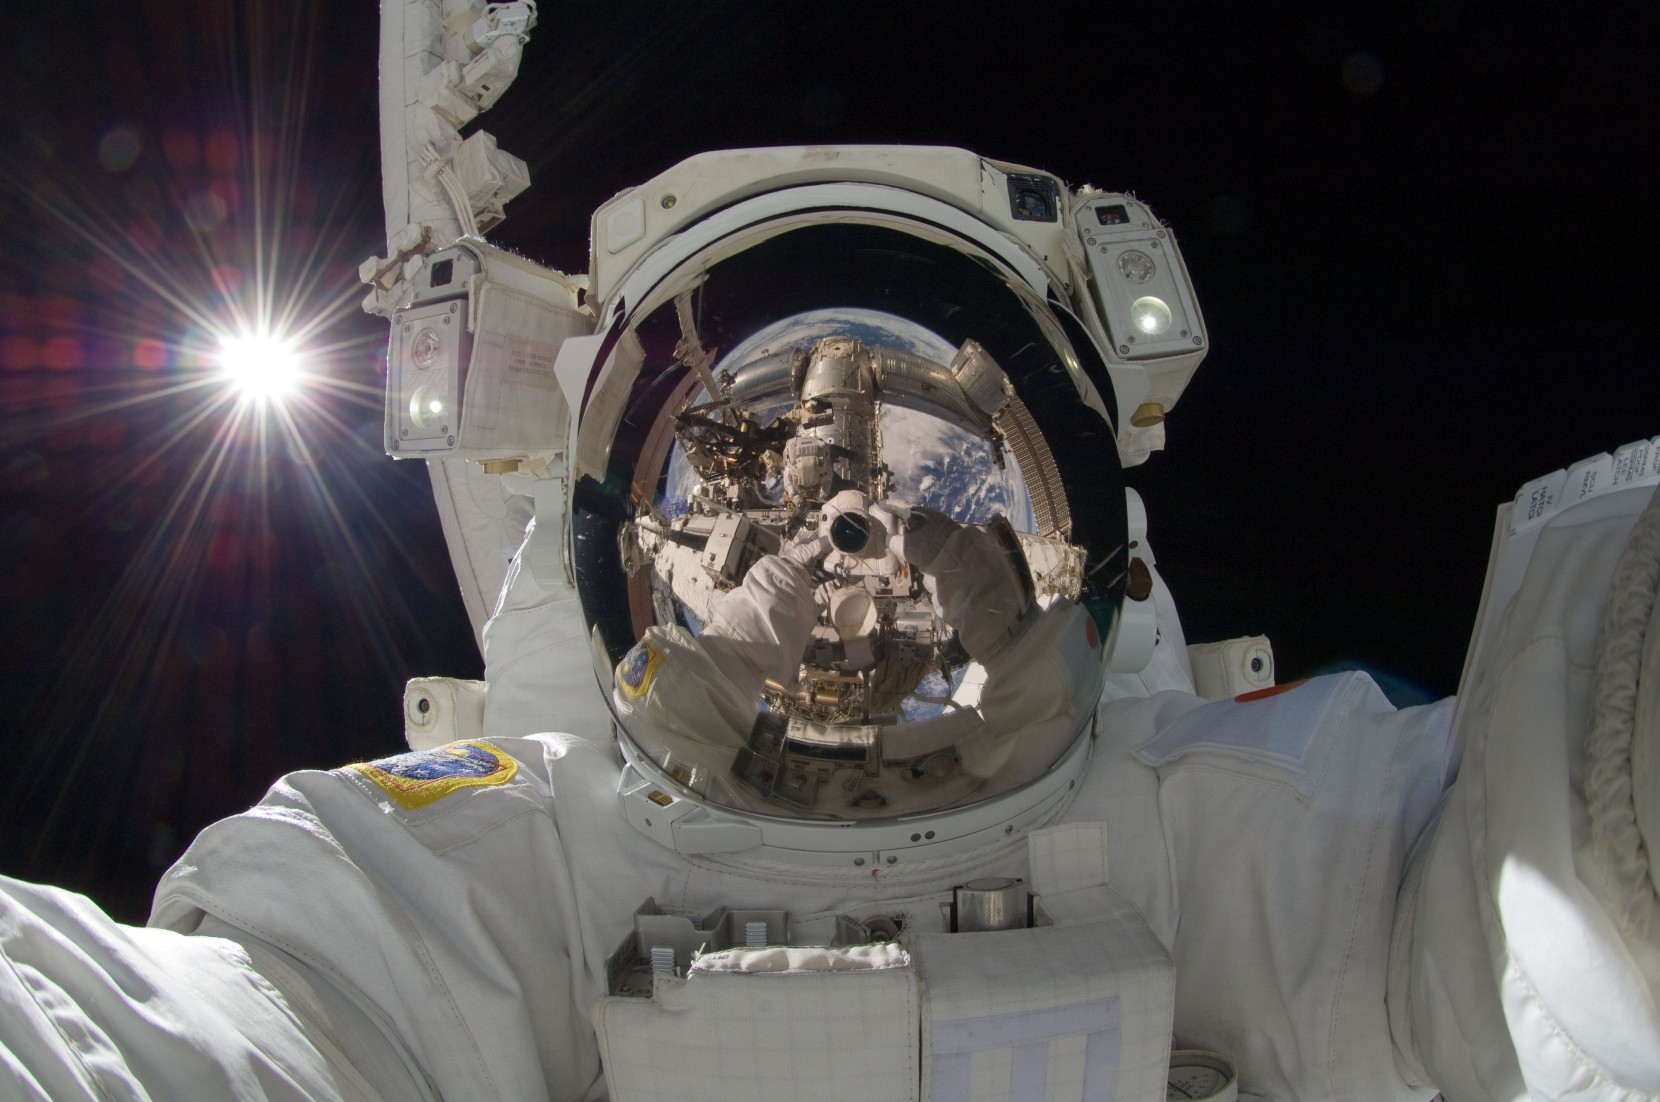 Yeah, we get it, Hoshide-san. You're in space. Big whoop.